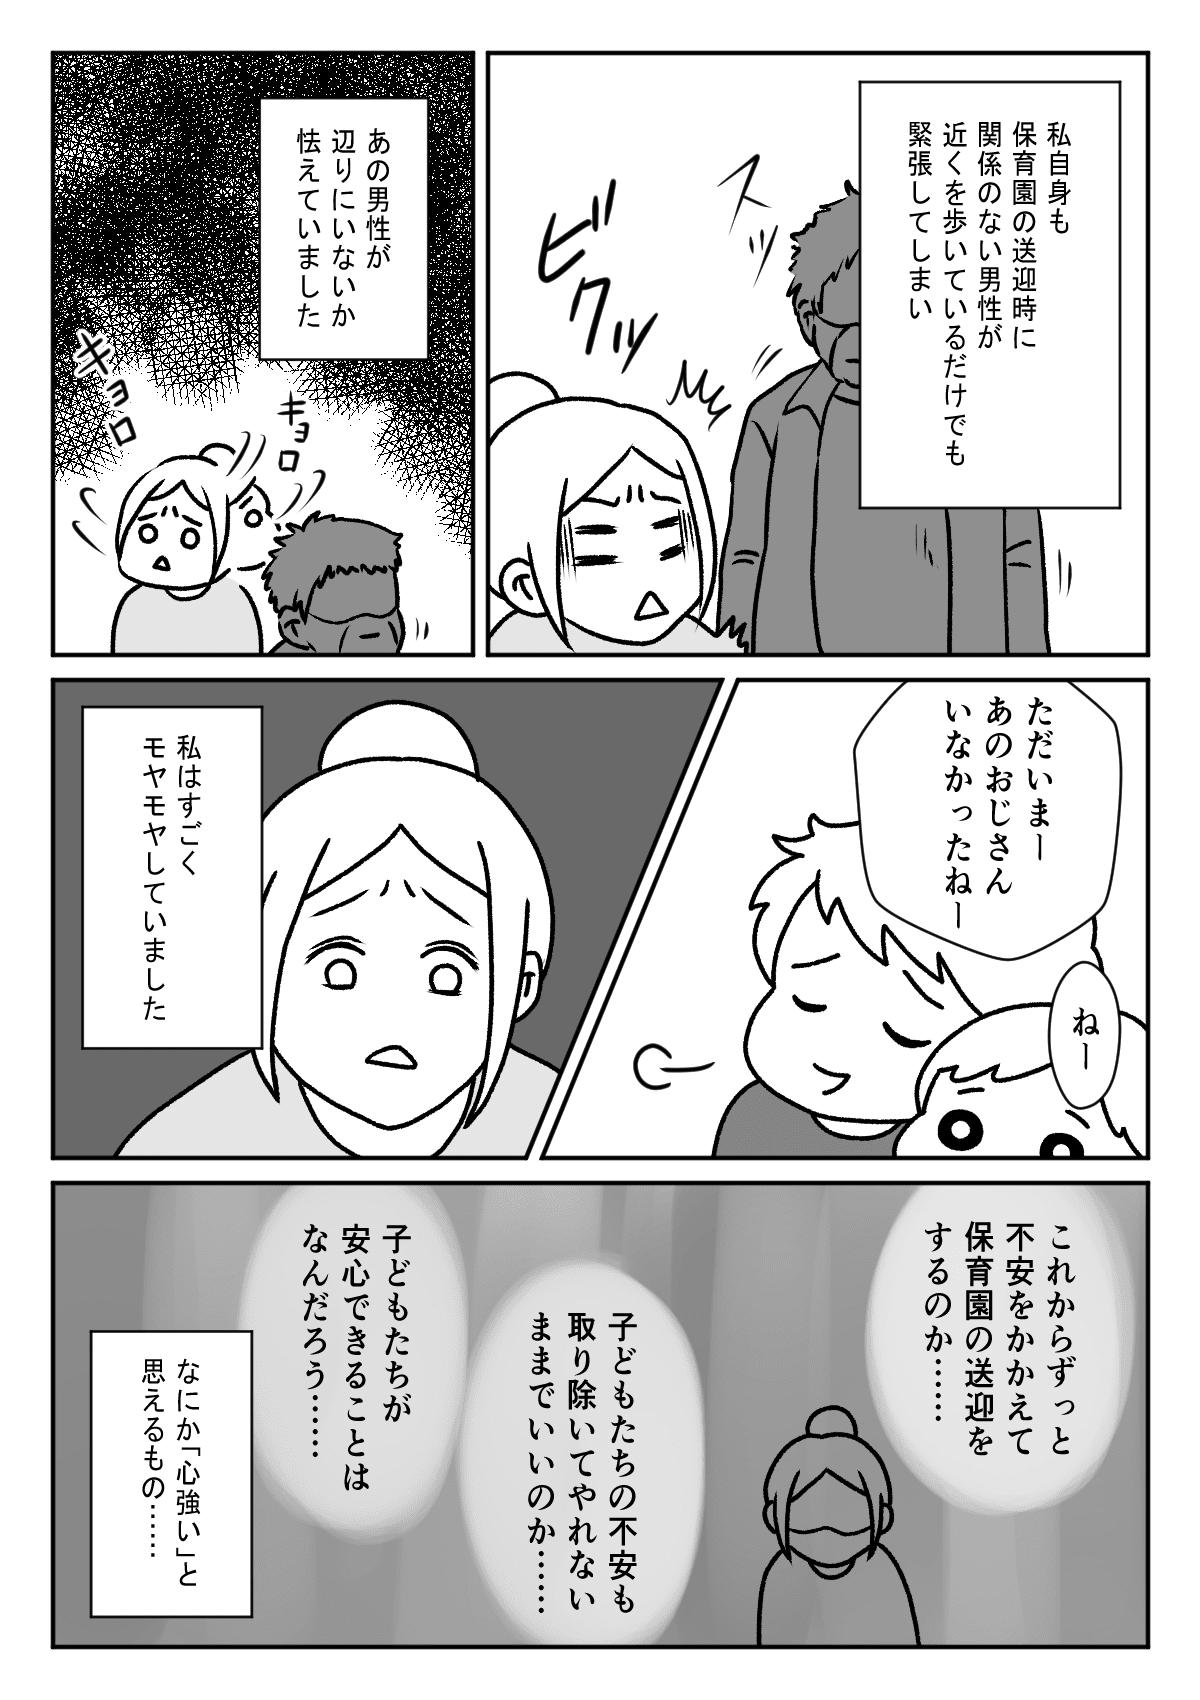 【後編】不審者と遭遇!4